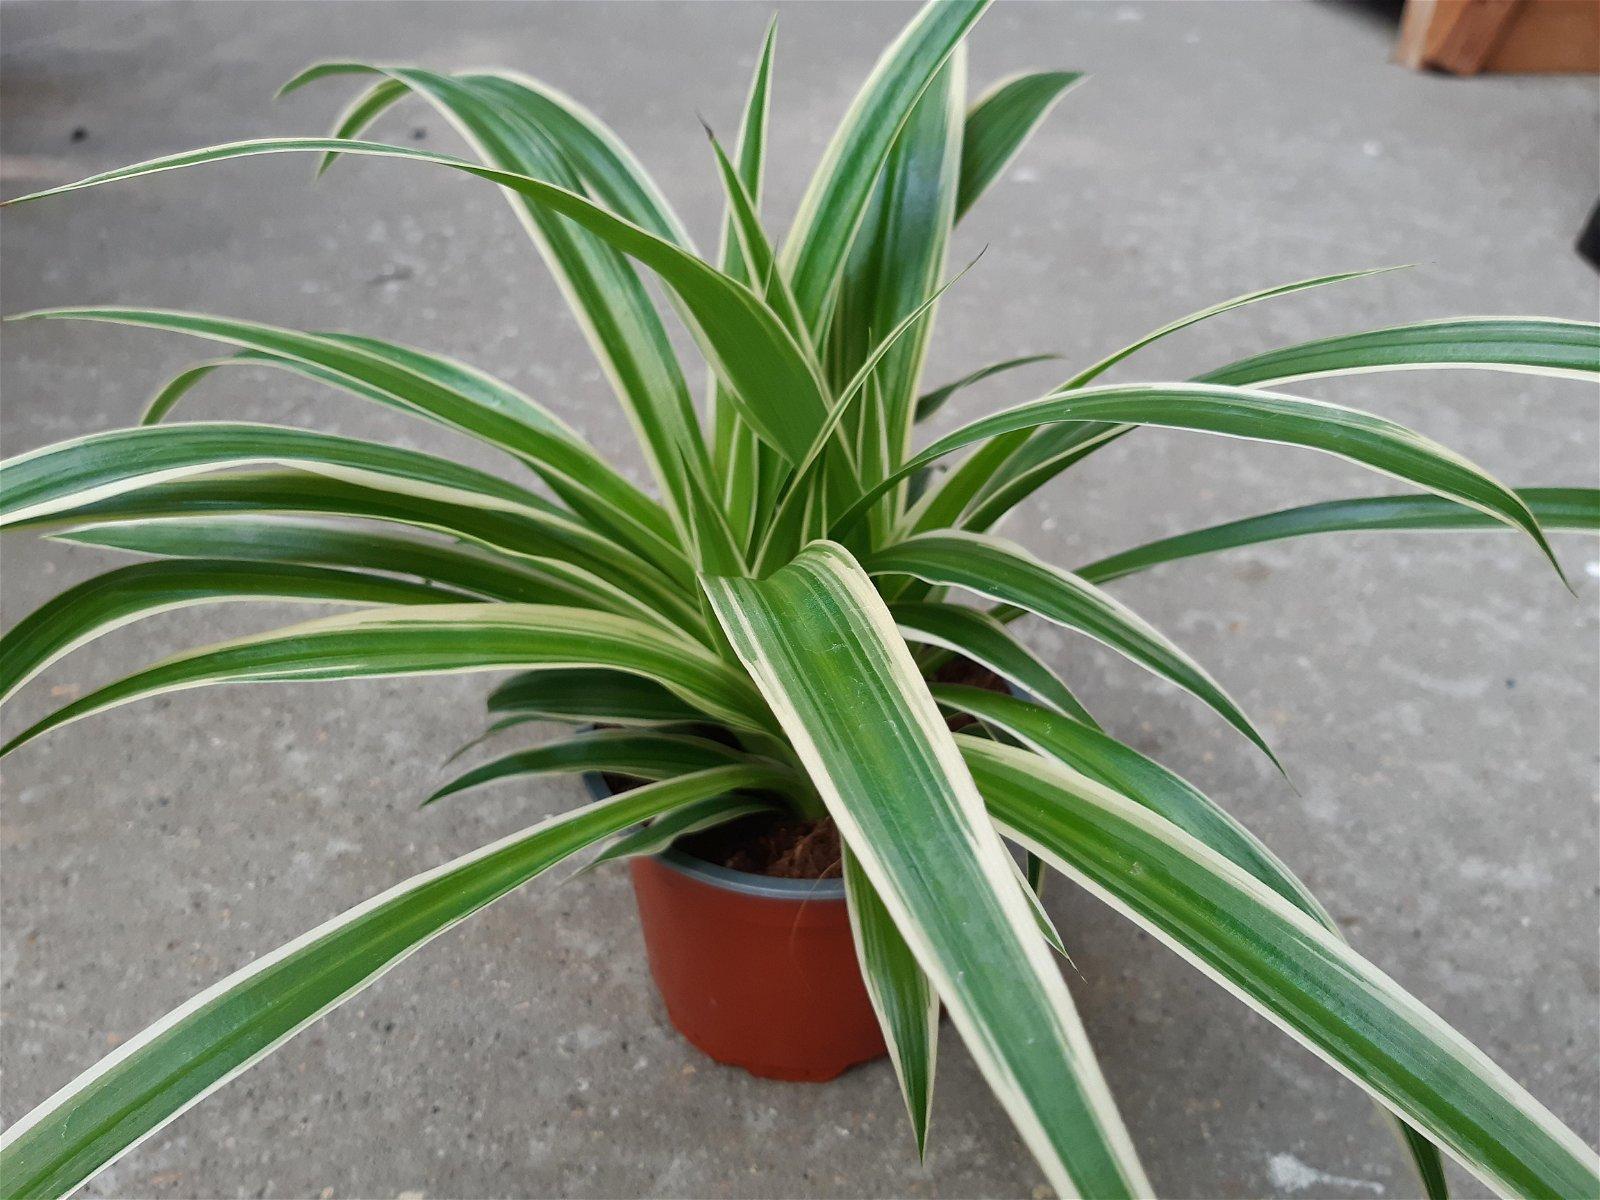 Væddeløber - Chlorophytum comosum